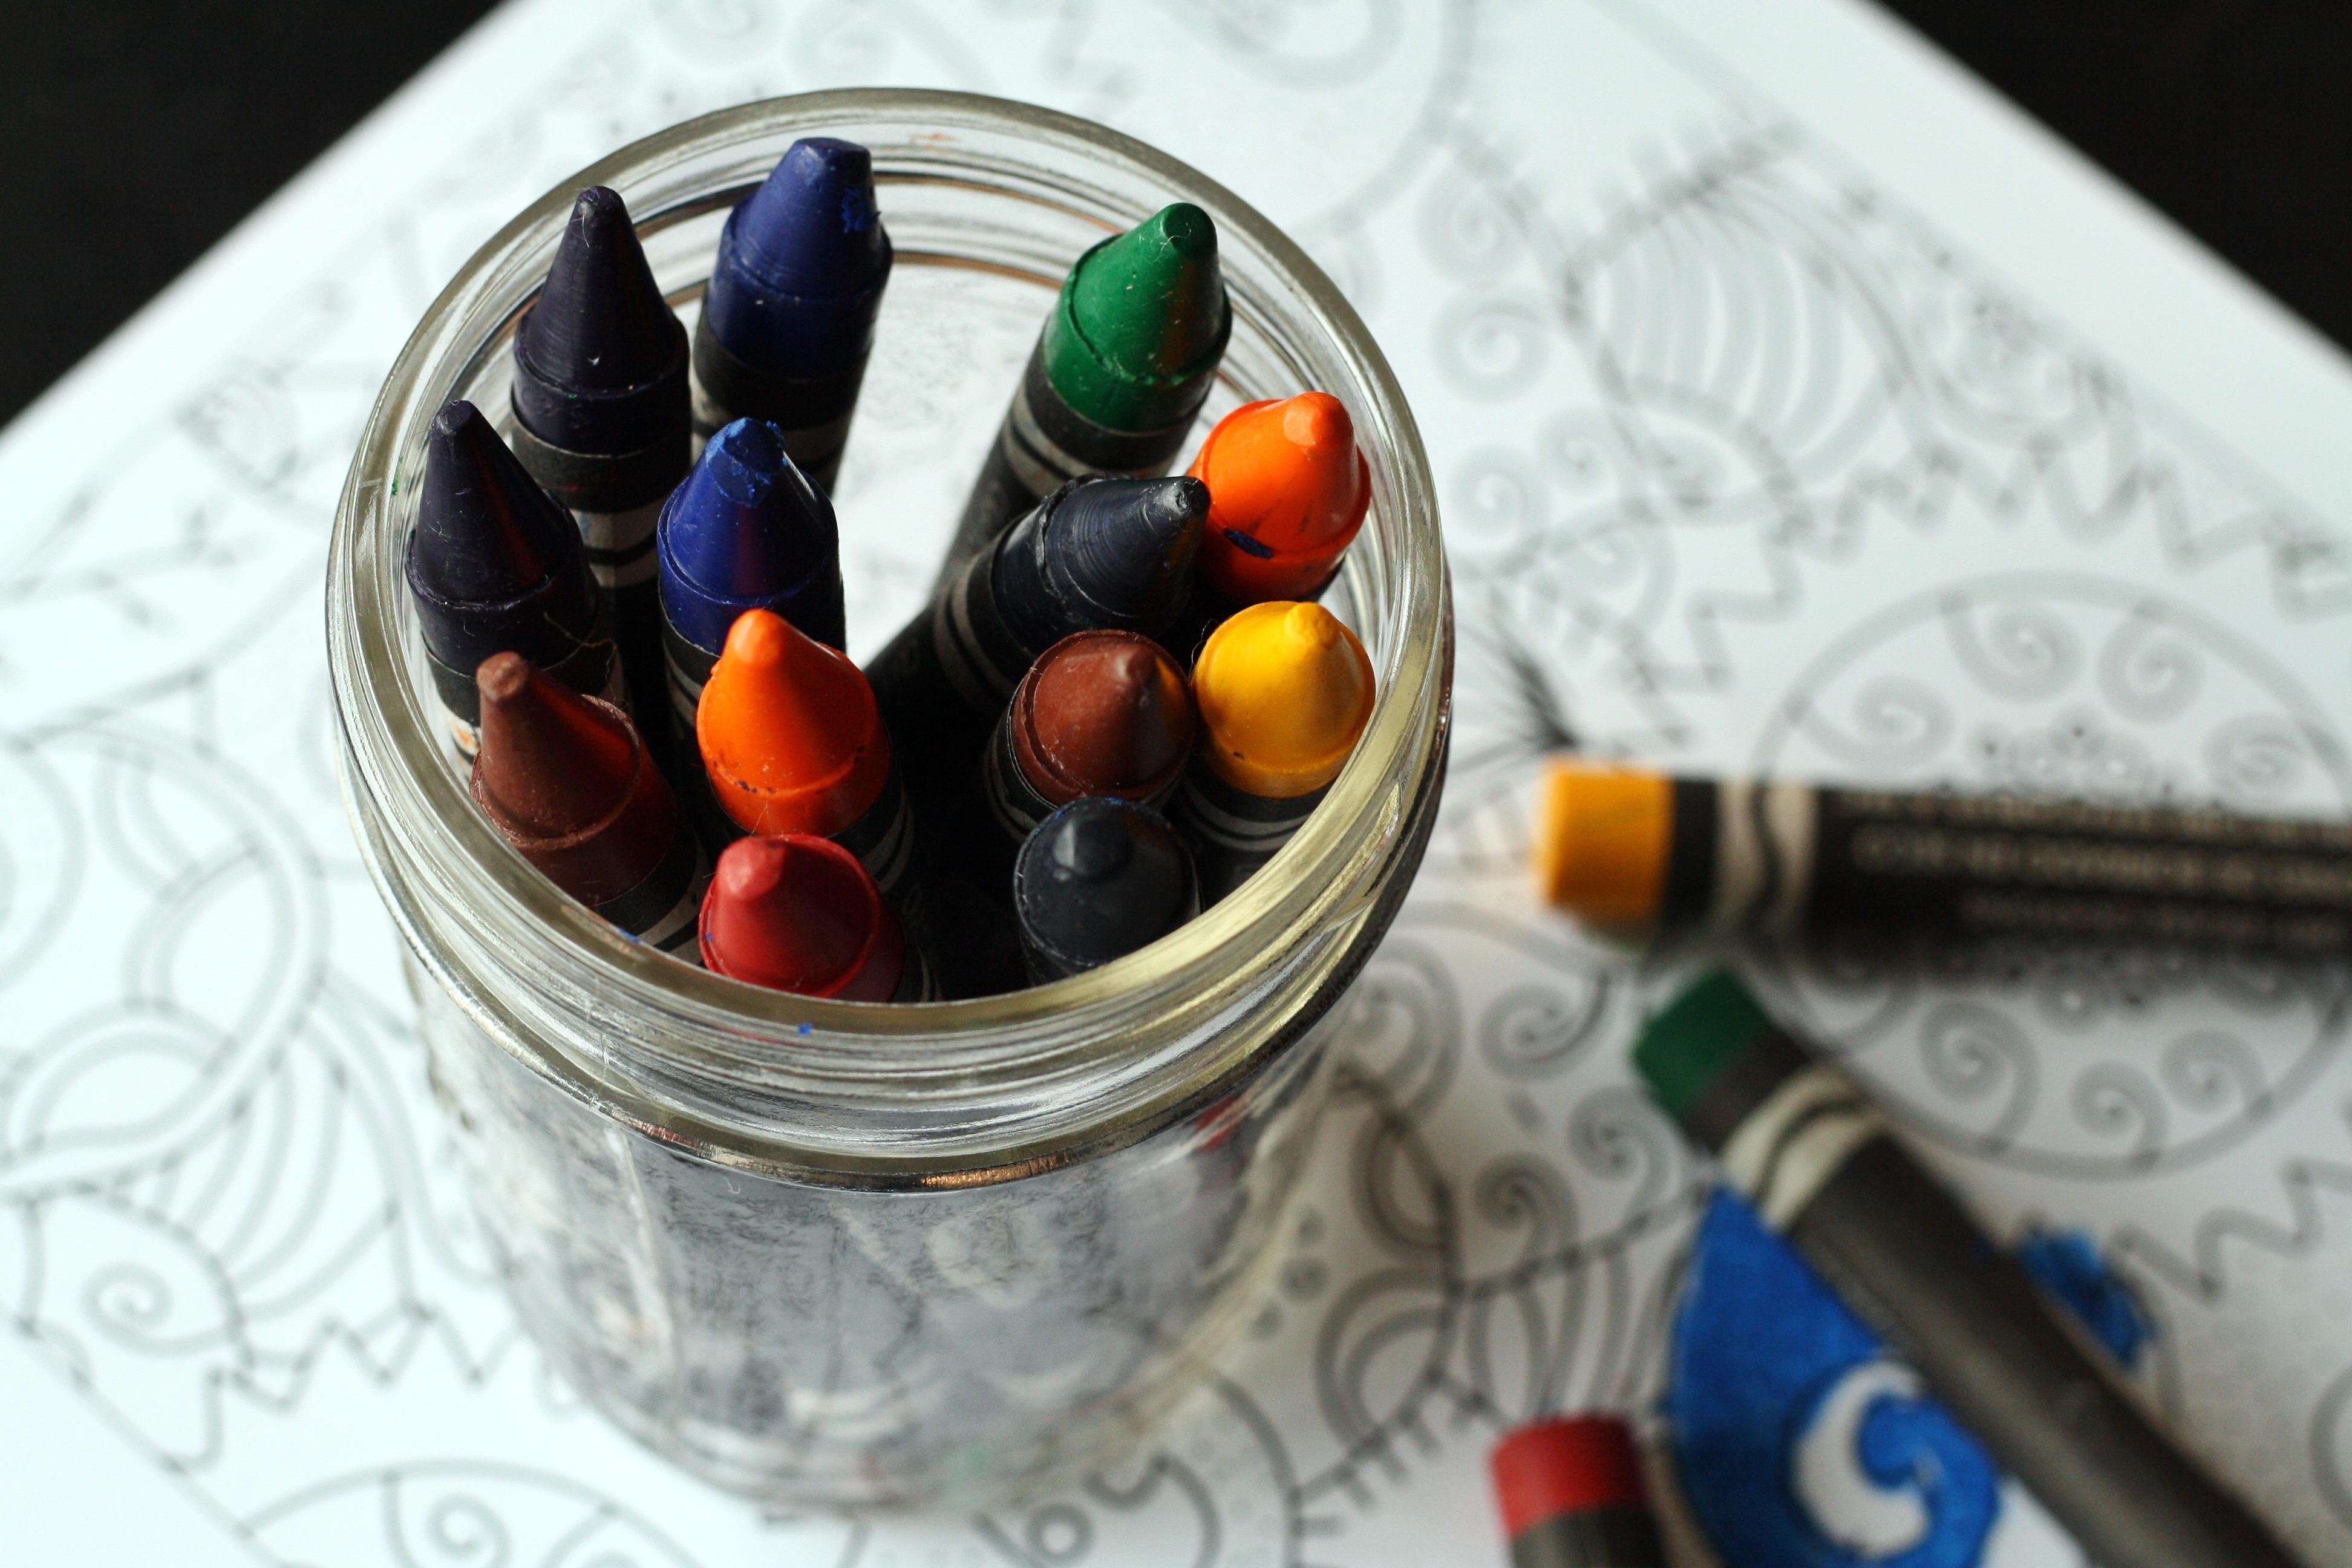 Fotoğraf Kitap Yaratıcı Bardak Gıda üretmek Renk Oynuyor